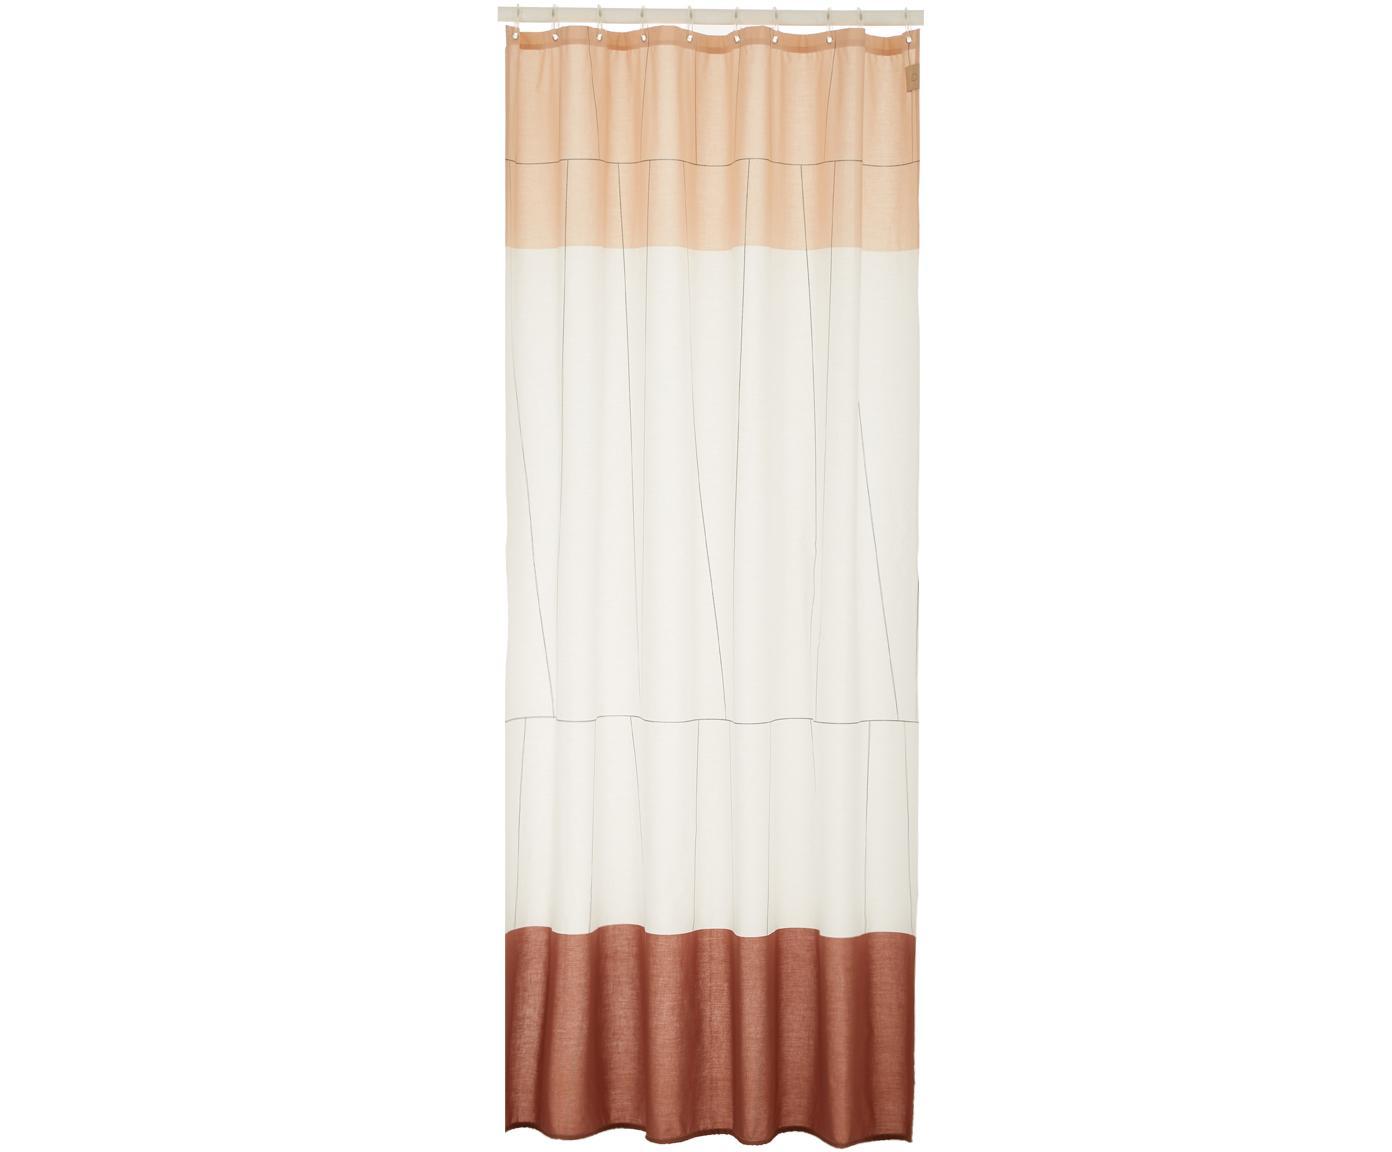 Schmaler Duschvorhang Verdi aus Baumwoll-Mix, Rottöne, Weiß, 150 x 200 cm